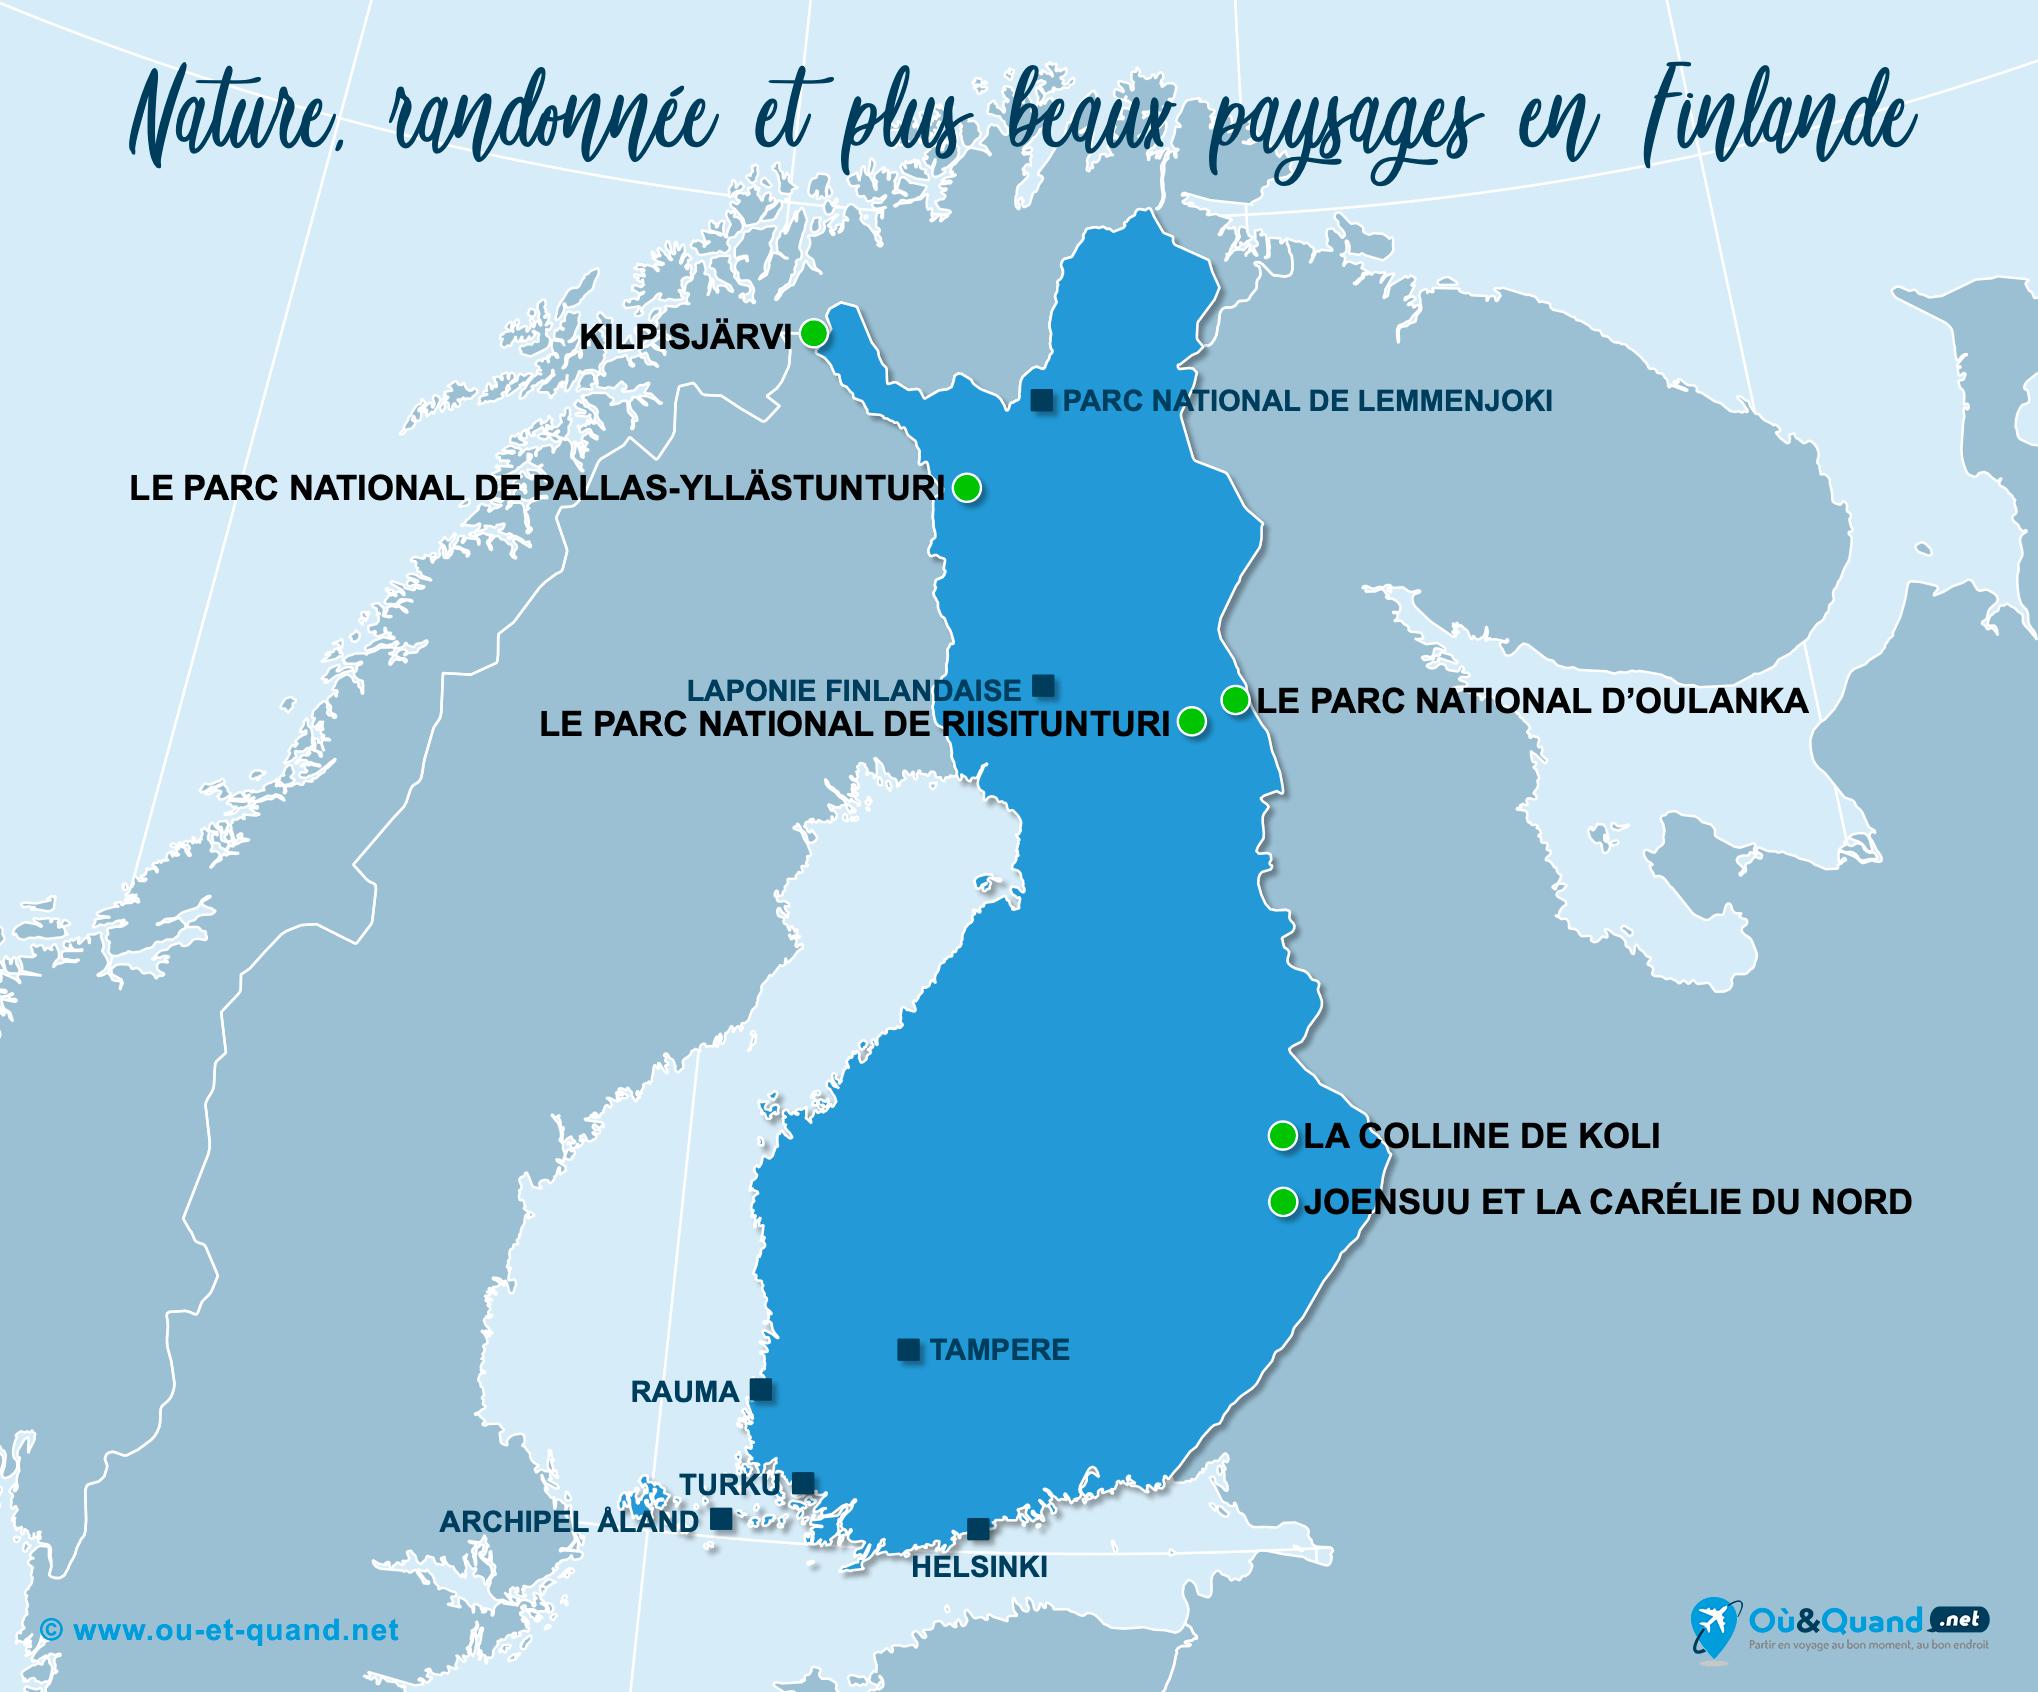 Carte Finlande : Les plus beaux paysages de la Finlande